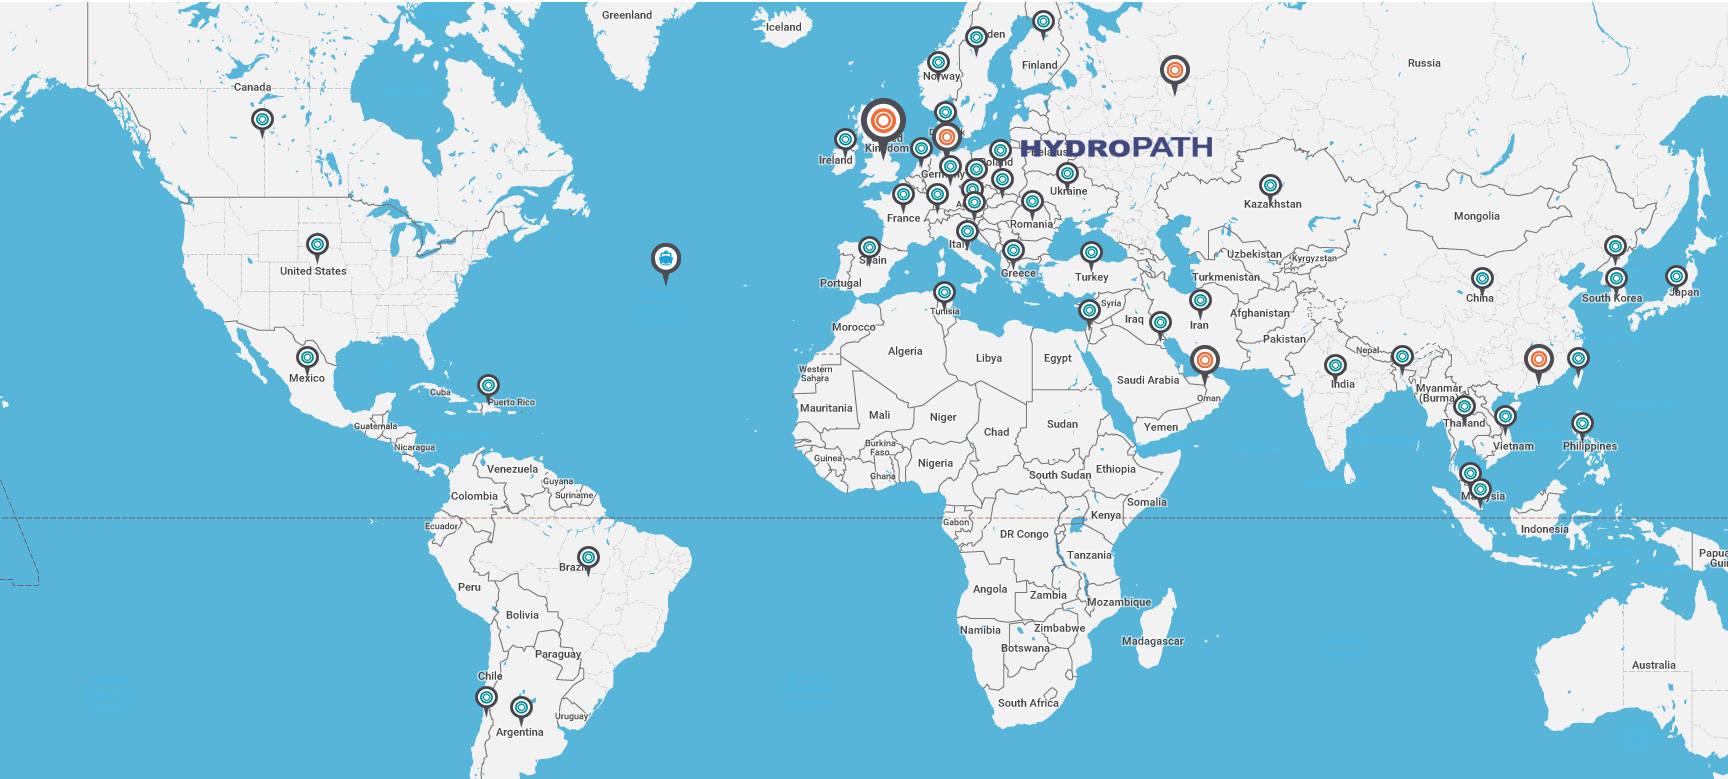 mapa hydropath